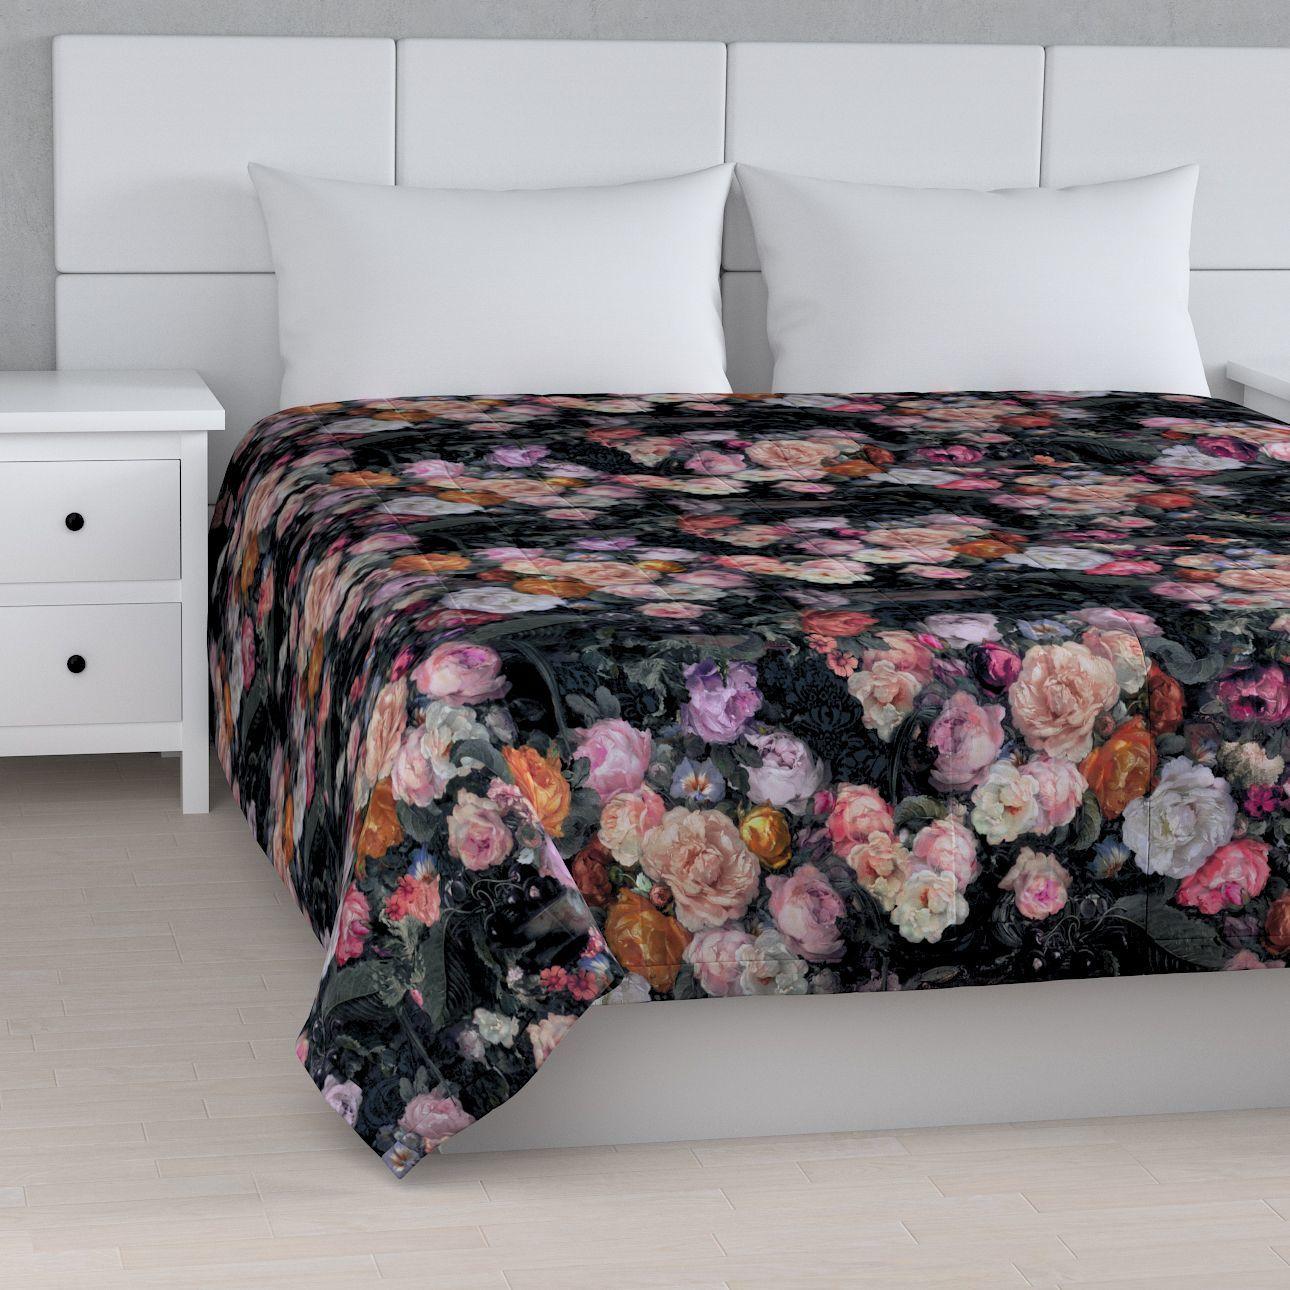 Narzuta pikowana w pasy, wielobarwne kwiaty na ciemnym tle, szer.260  dł.210 cm, Gardenia